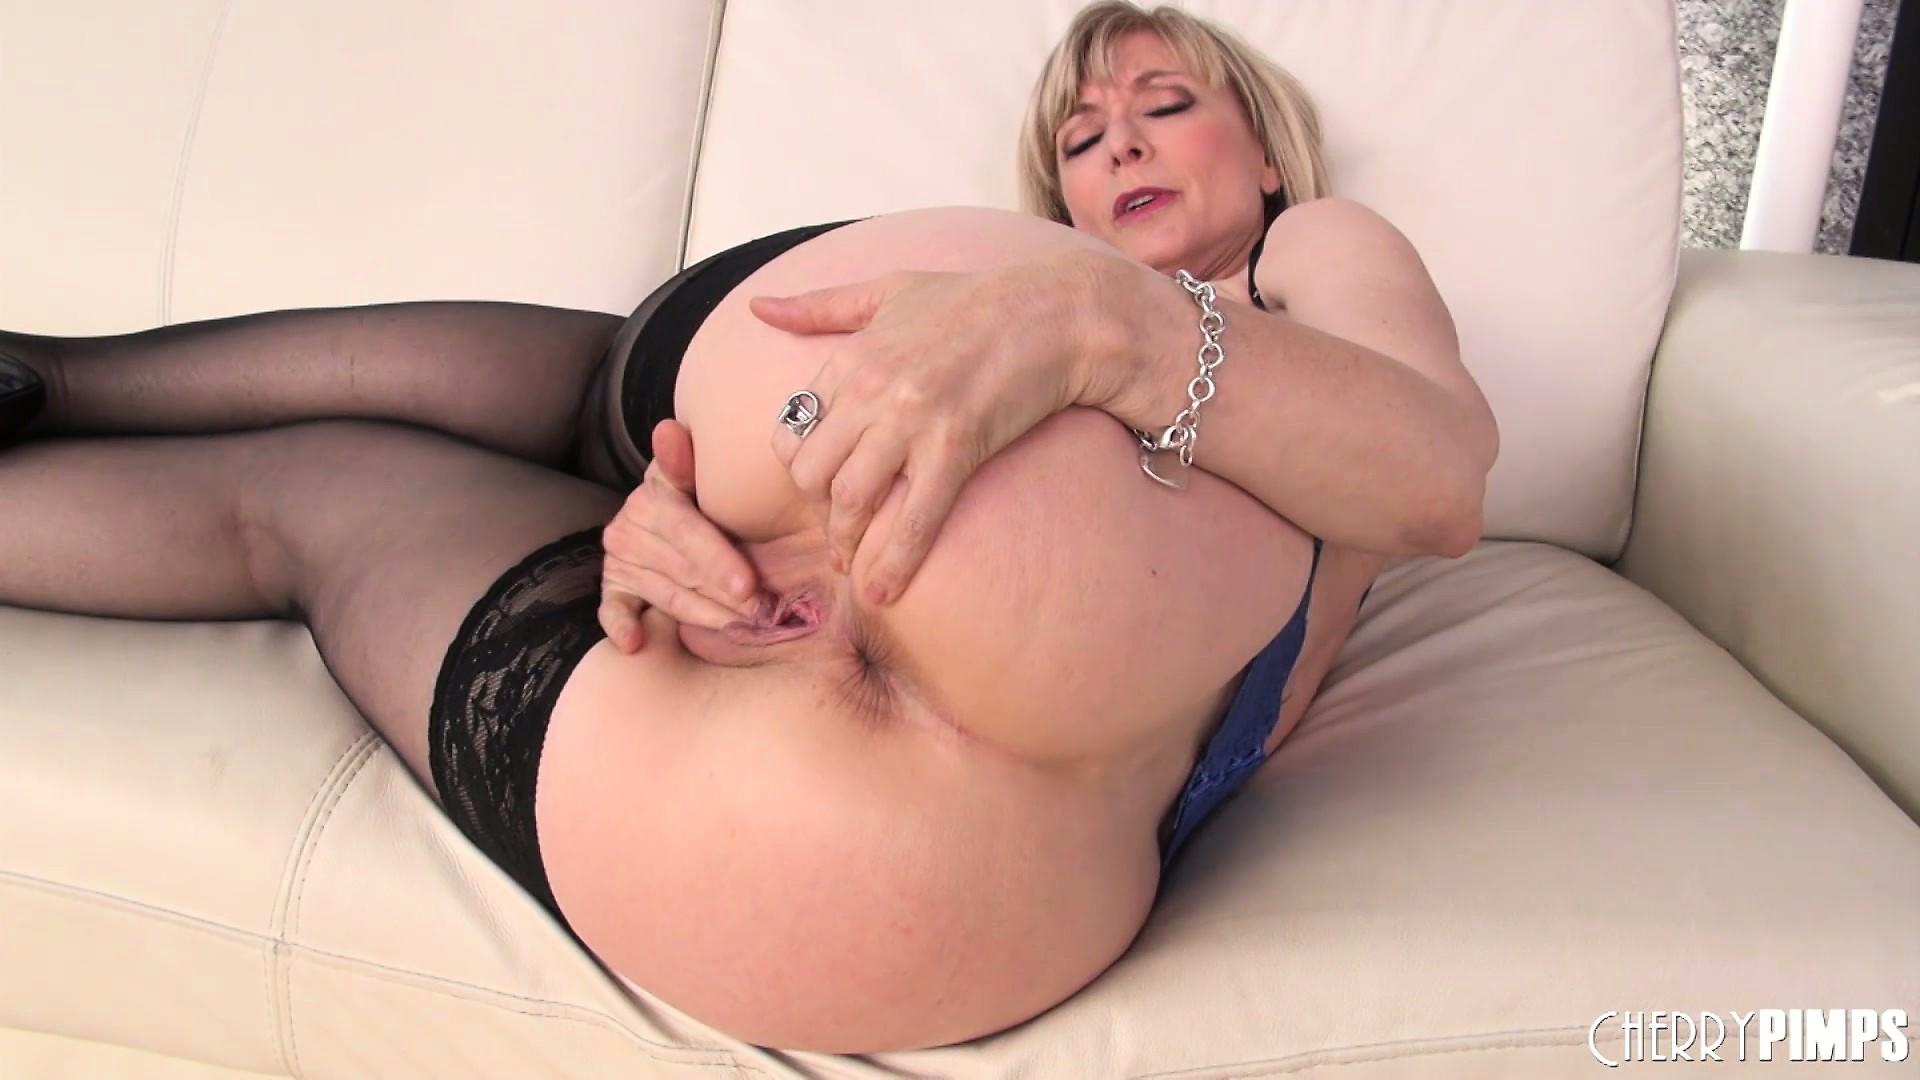 photo Nina hartley pornstar bio videos